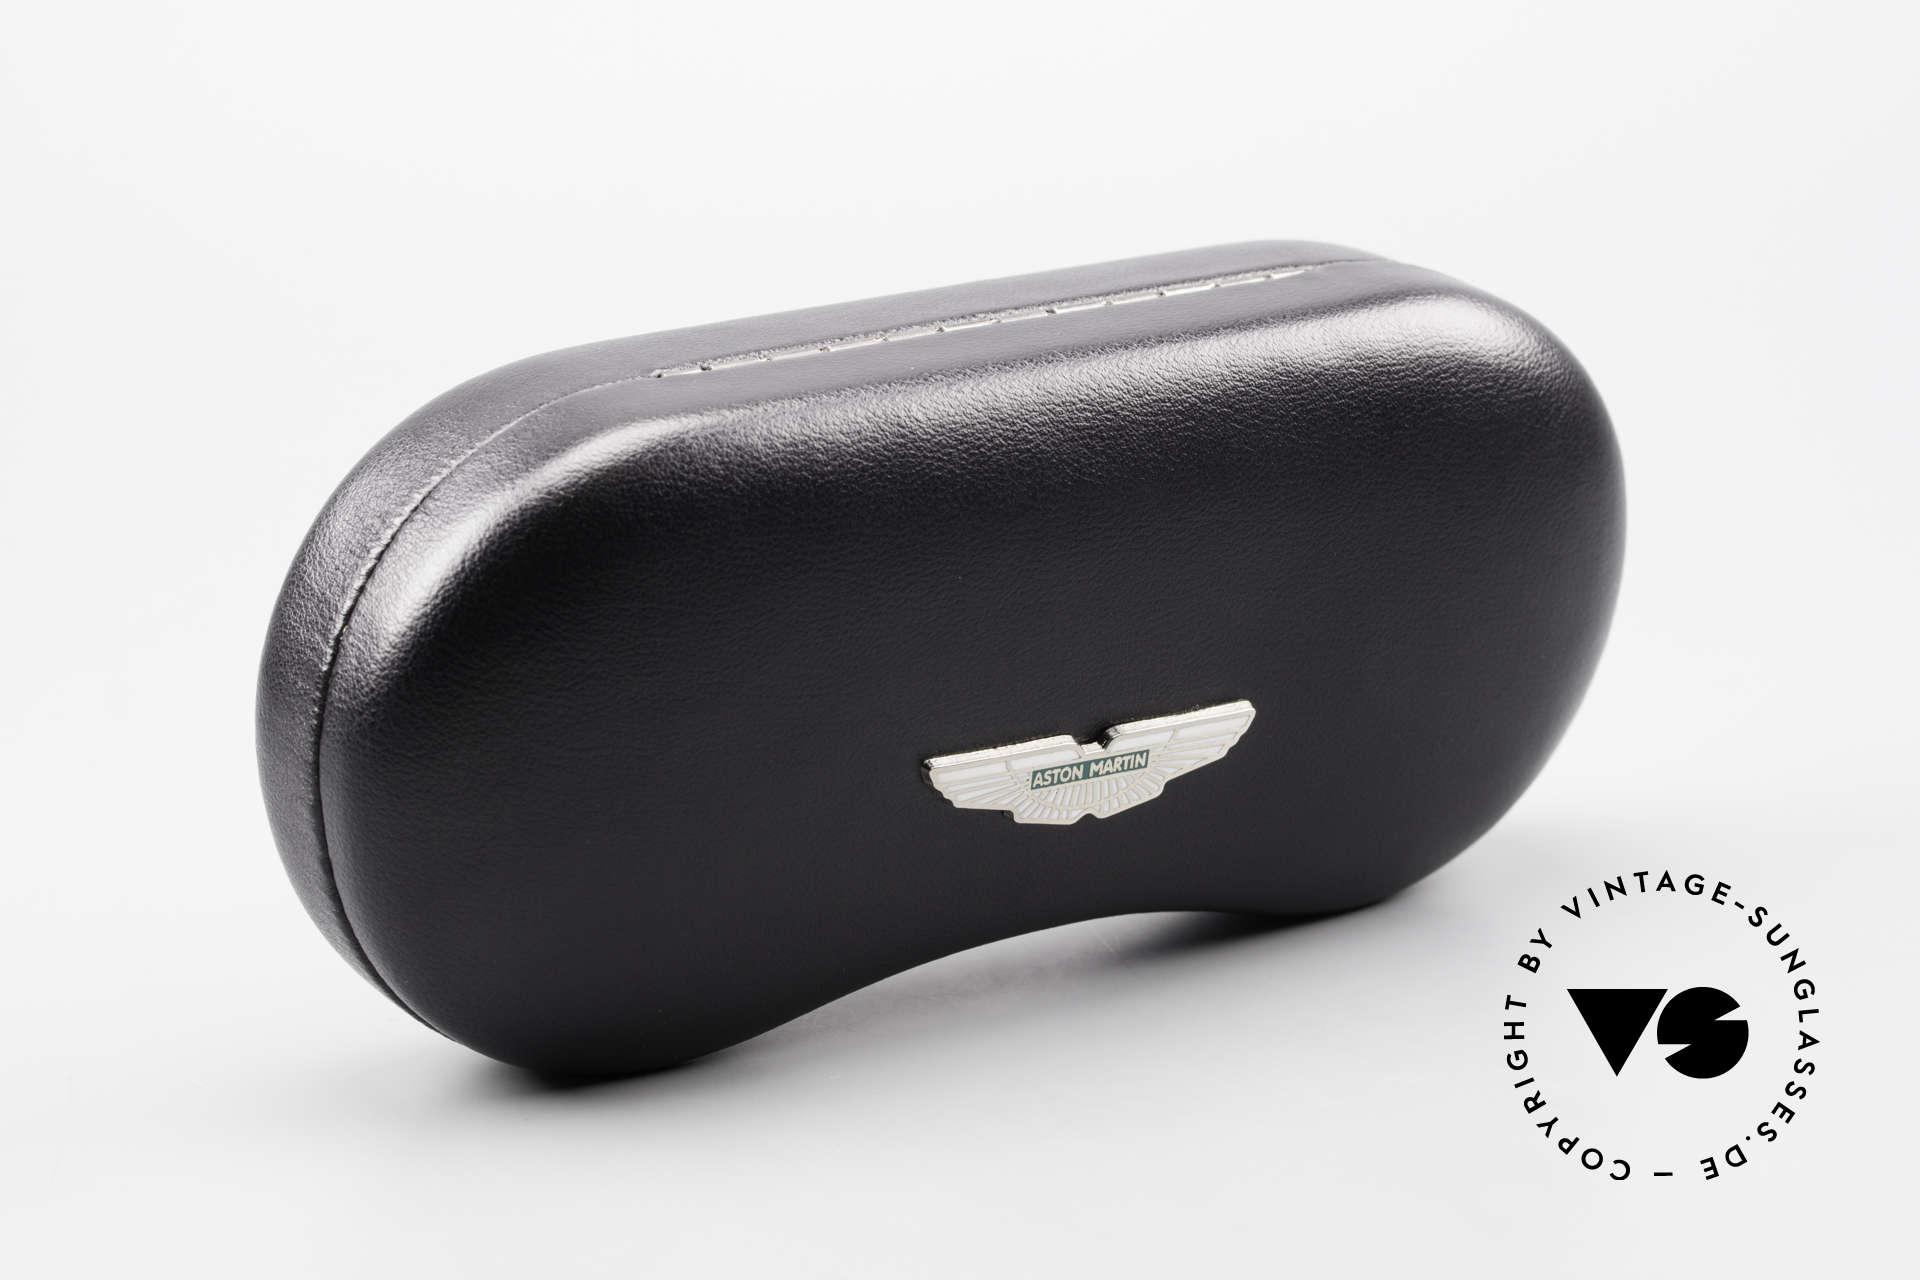 Aston Martin AM34 Oval Vintage Frame James Bond, Size: medium, Made for Men